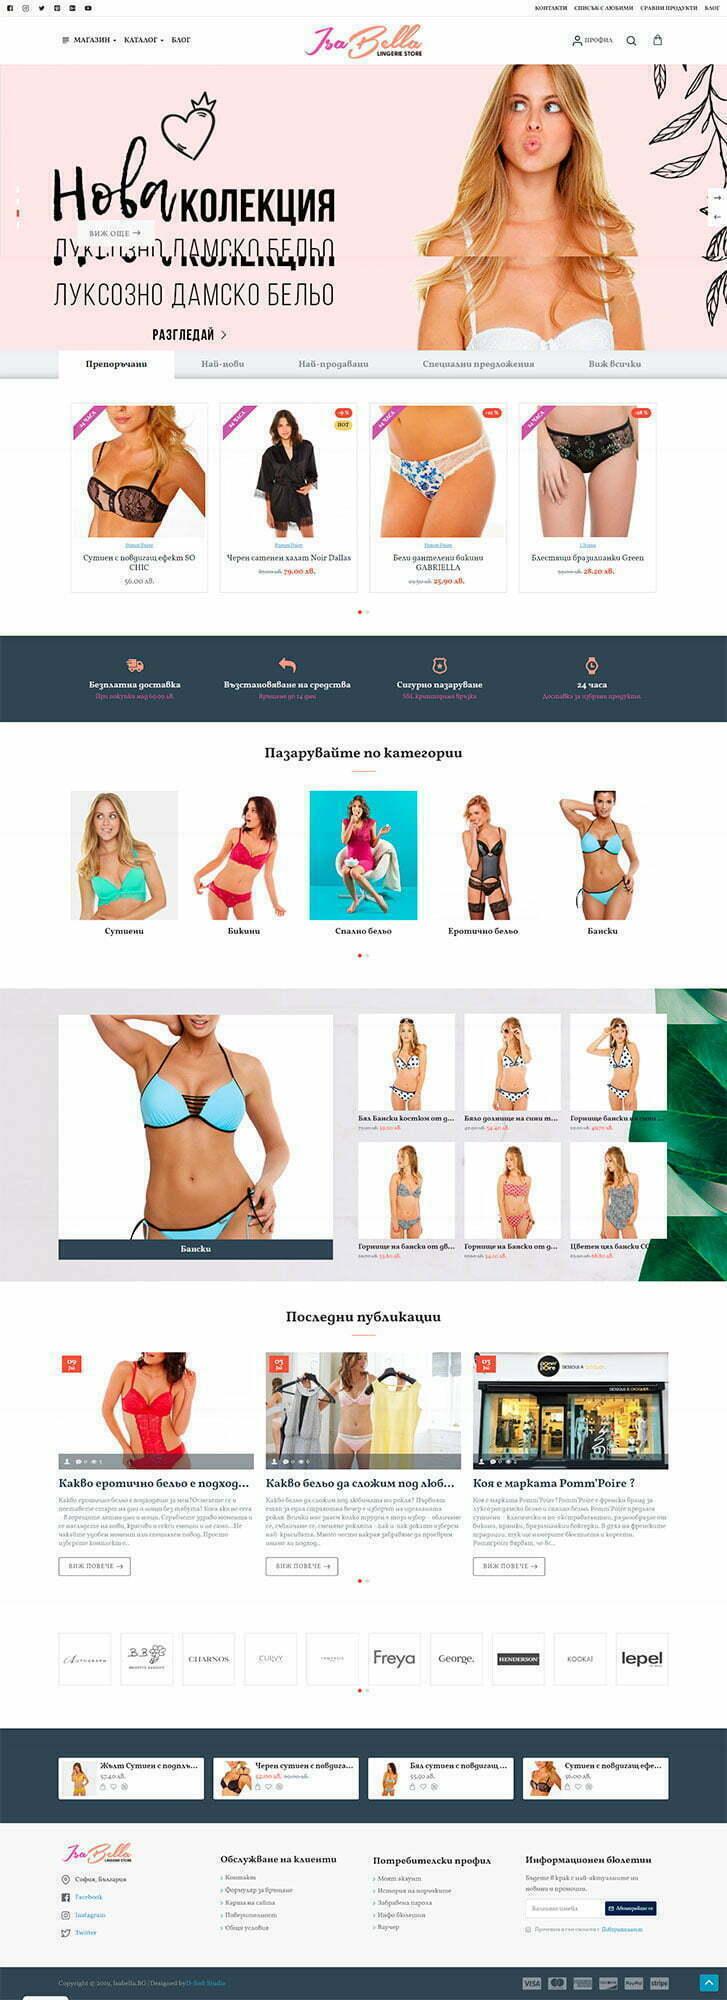 Онлайн магазин за луксозно дамско бельо IsaBella 1